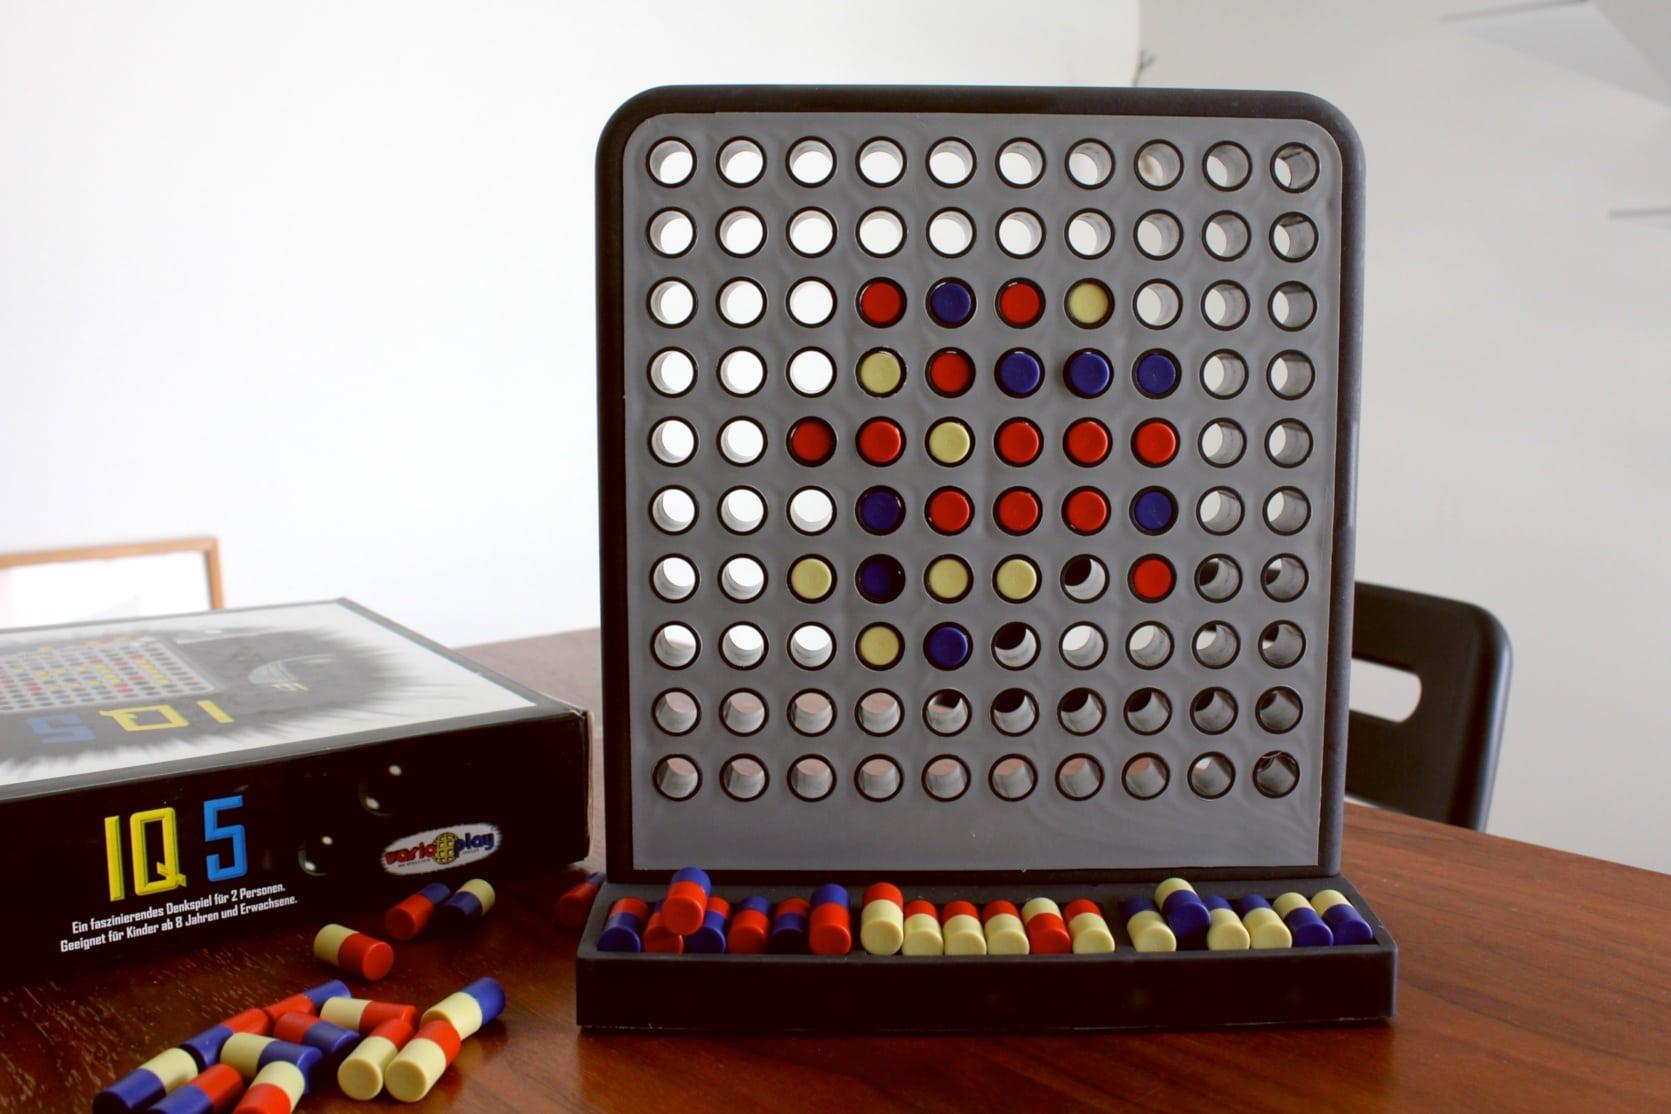 ボードゲーム「IQ5」のゲーム終了時